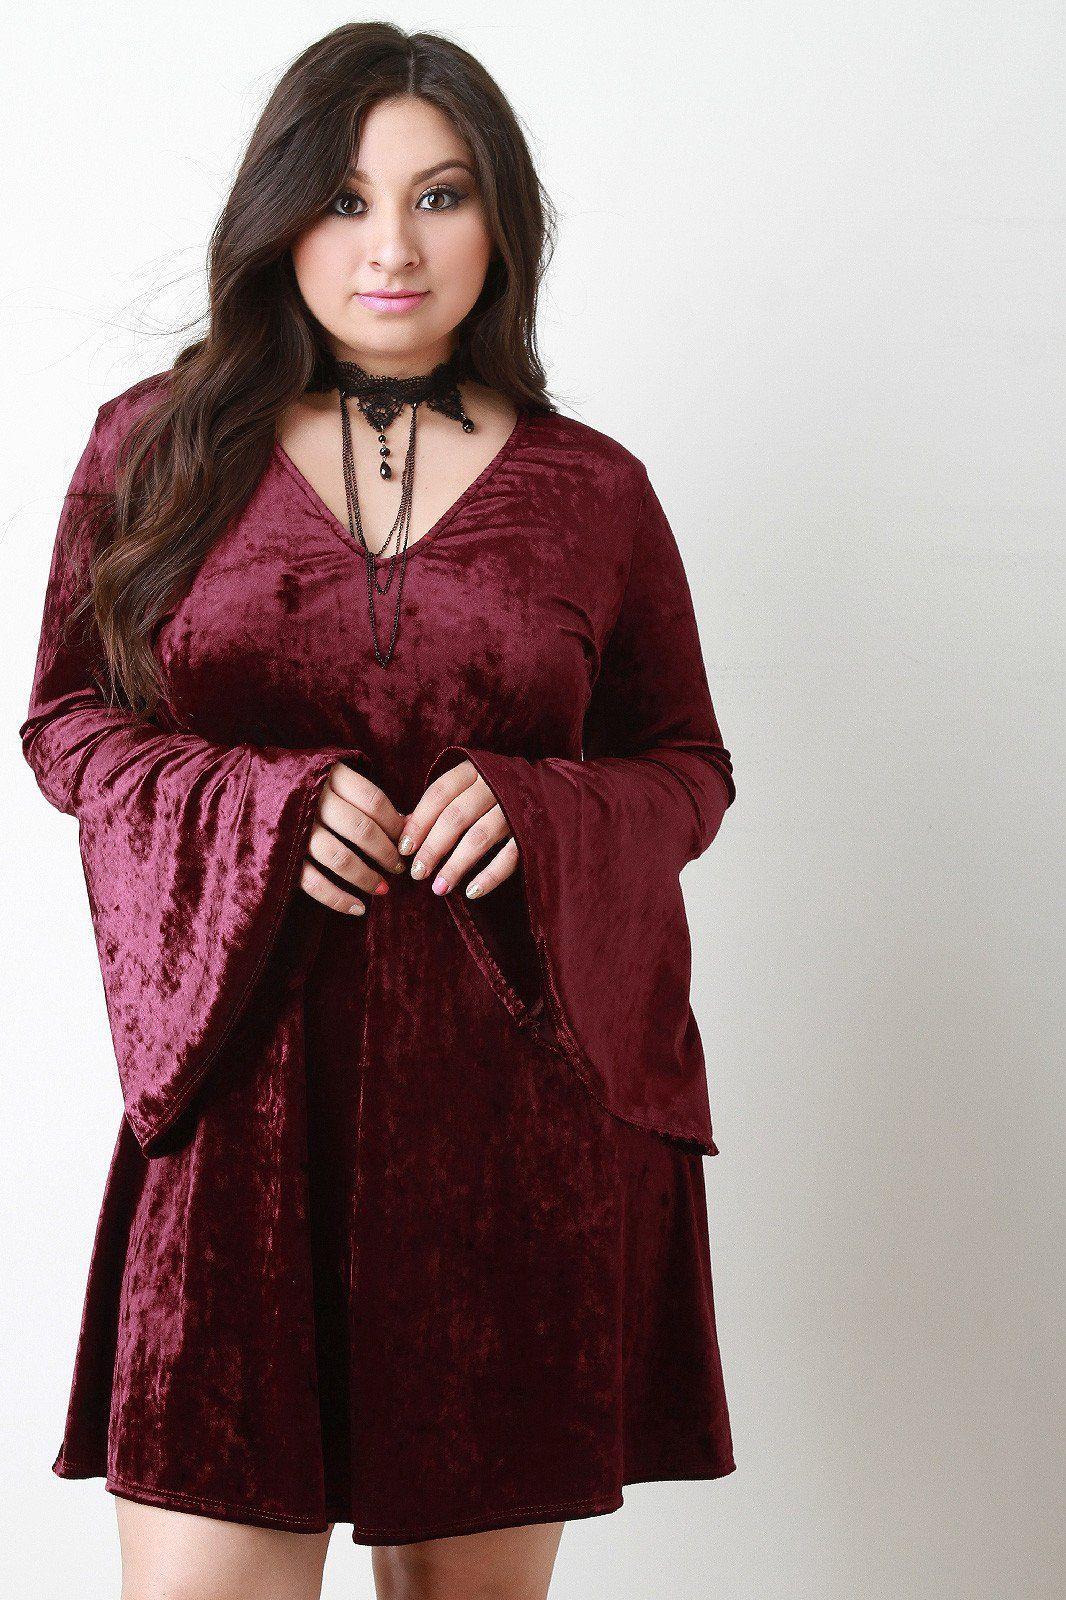 Crushed velvet choker necklace bell sleeve dress plus